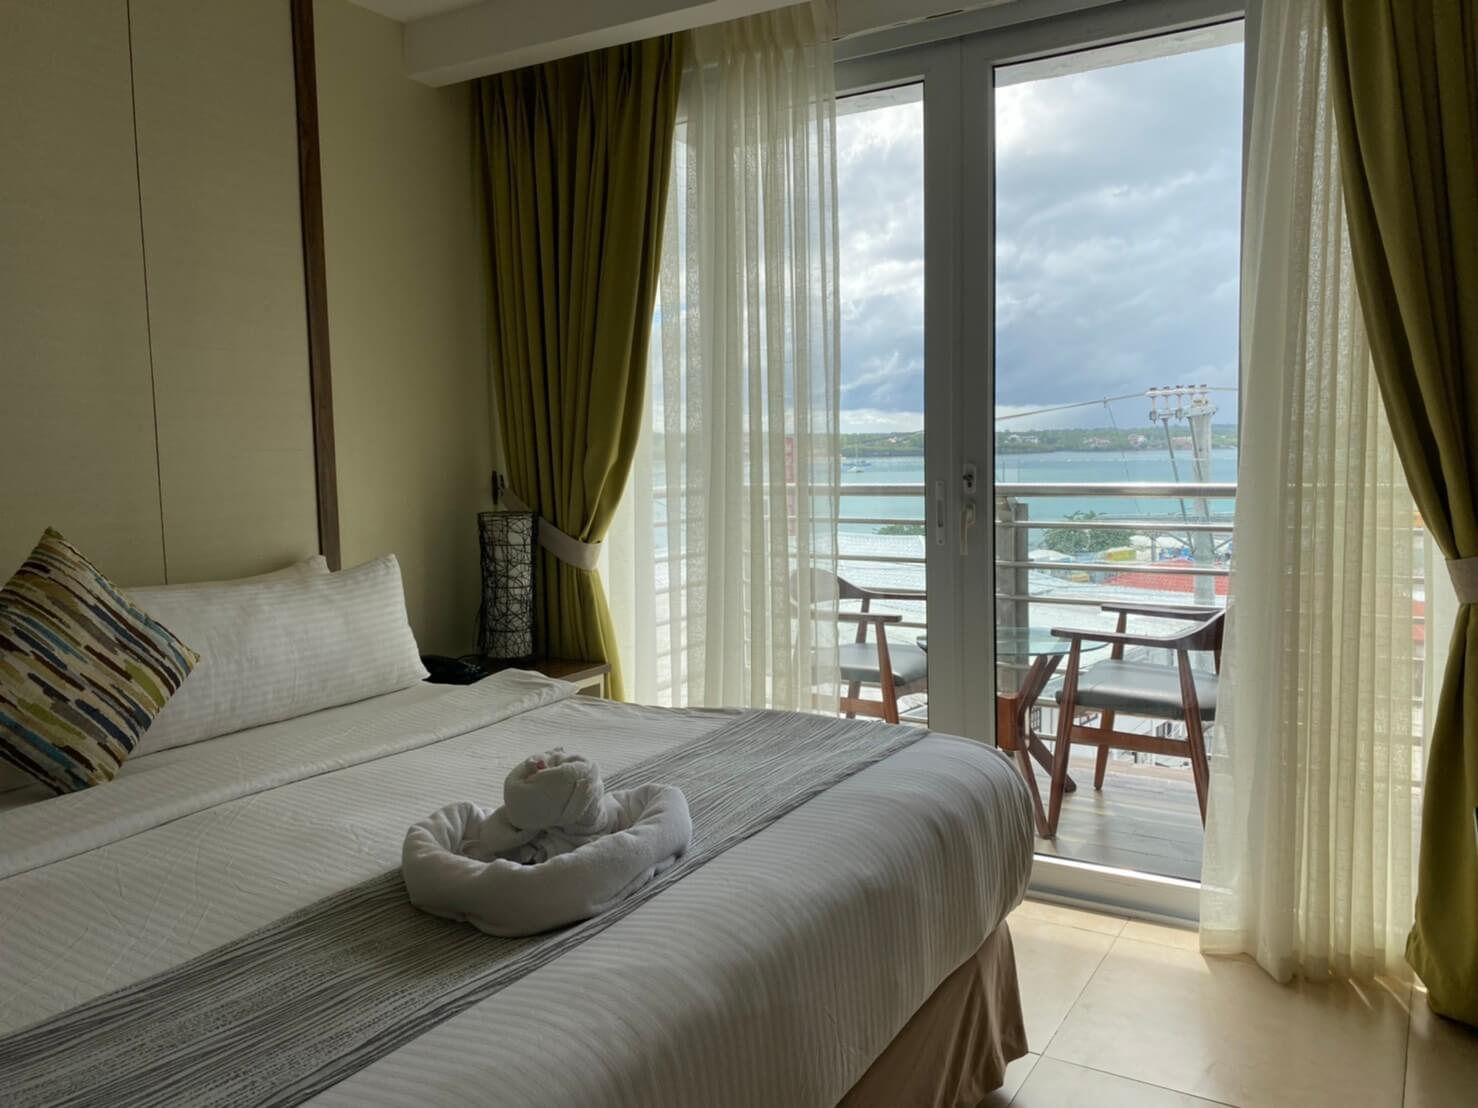 ボホール島のホテル室内の写真